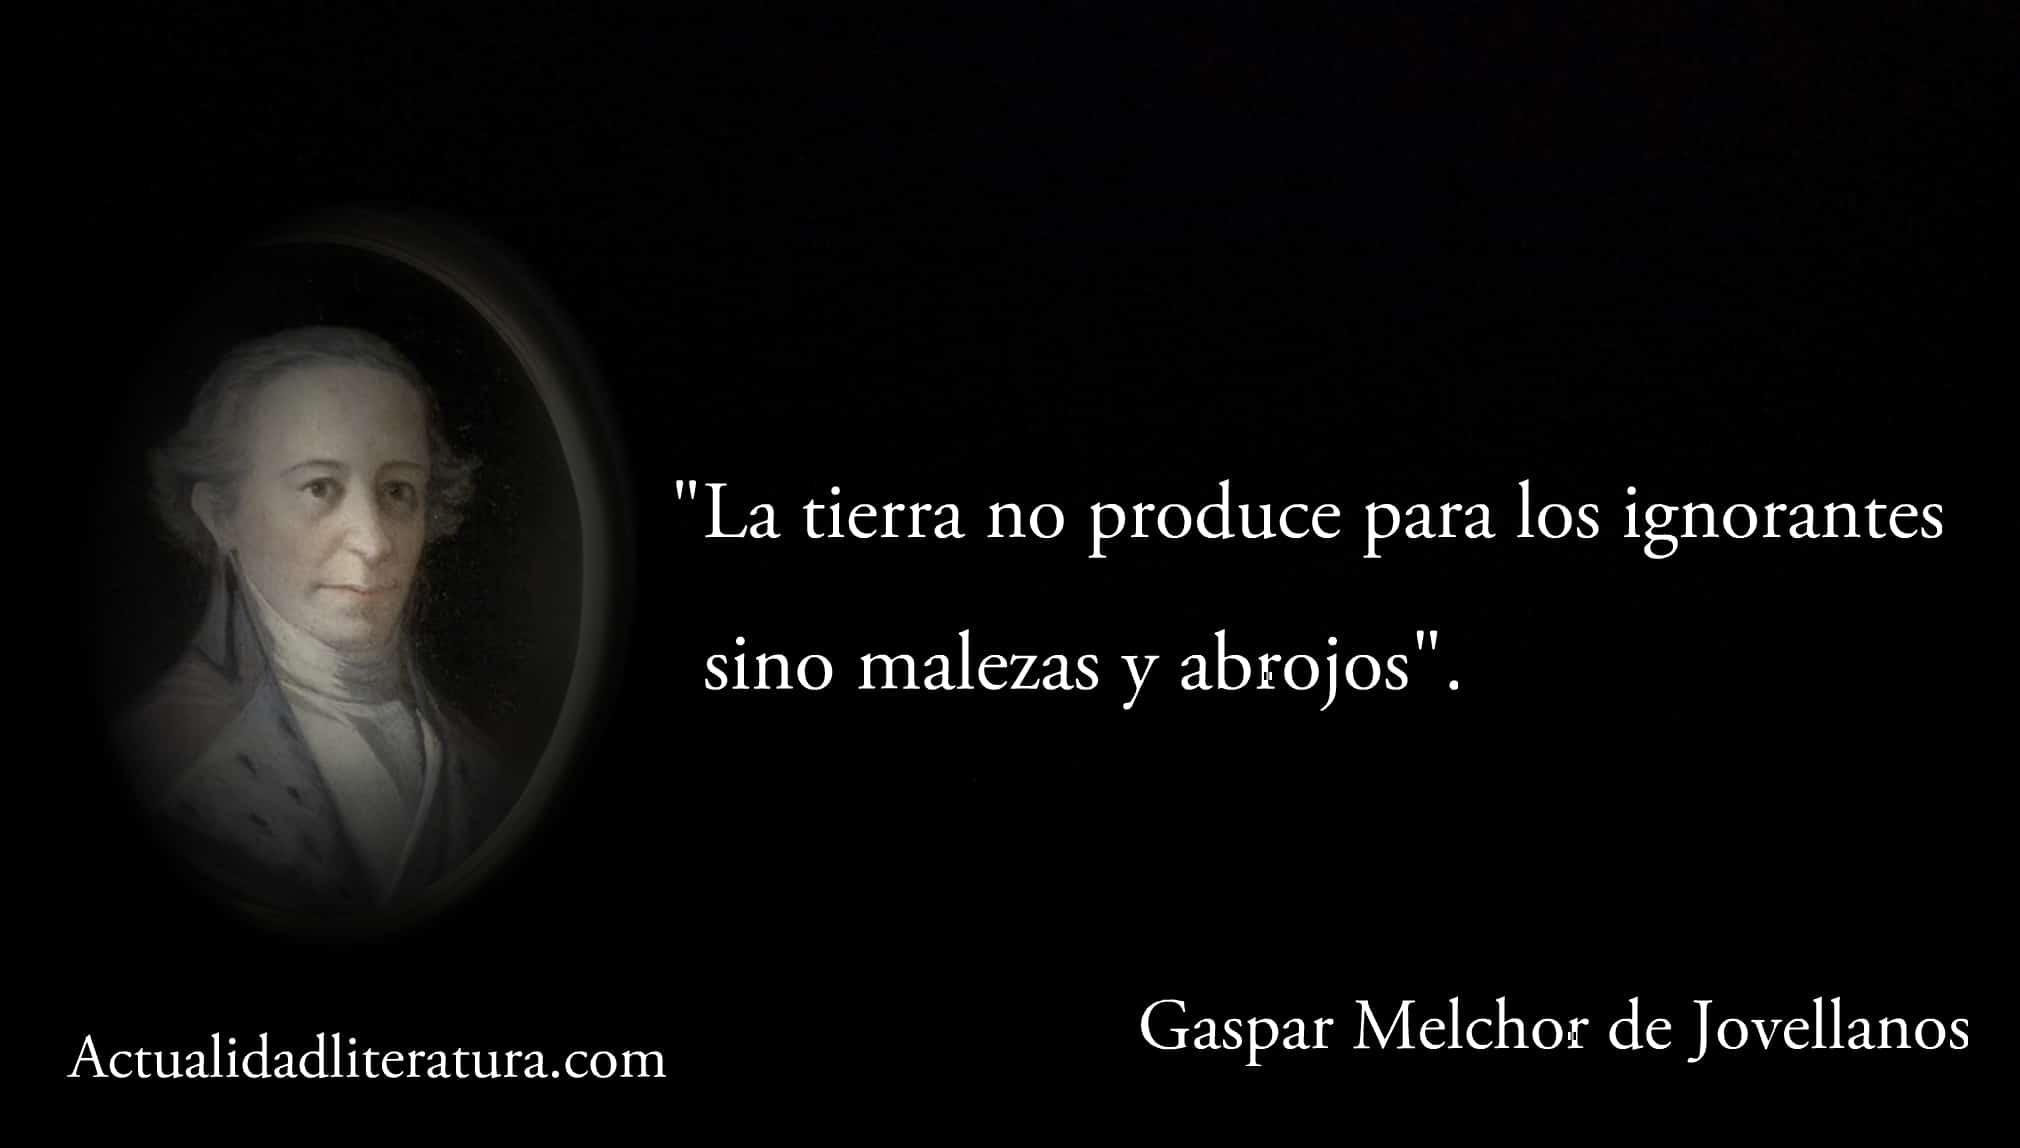 Frase de Gaspar Melchor de Jovellanos.